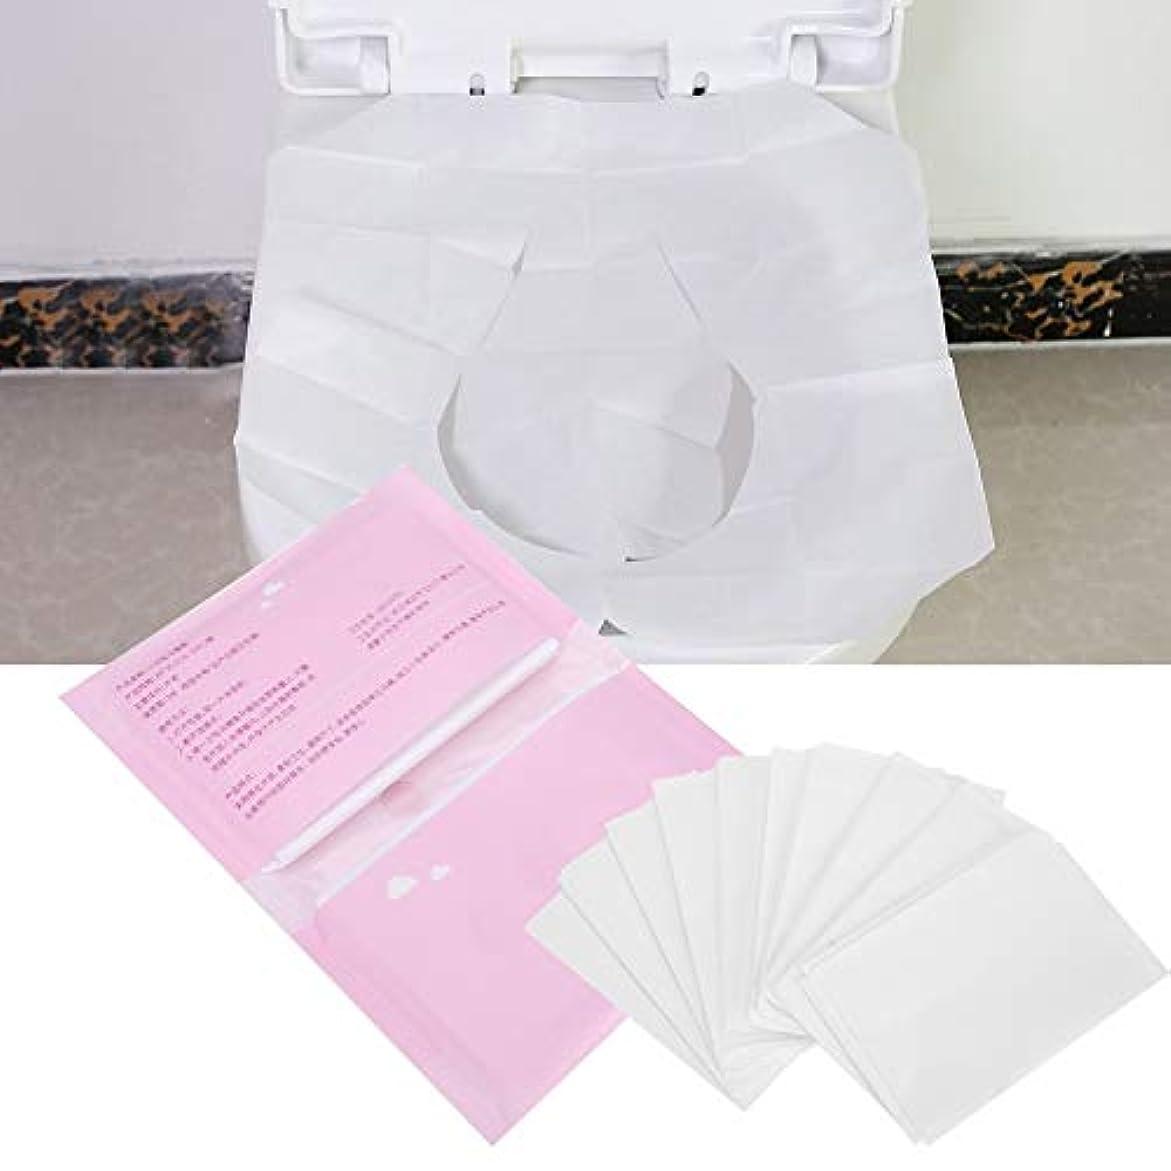 コジオスコ小康チケットトイレットシートペーパー、旅行のための5つの袋の使い捨て可能な分解可能なトイレットペーパーペーパー、10pices / bag